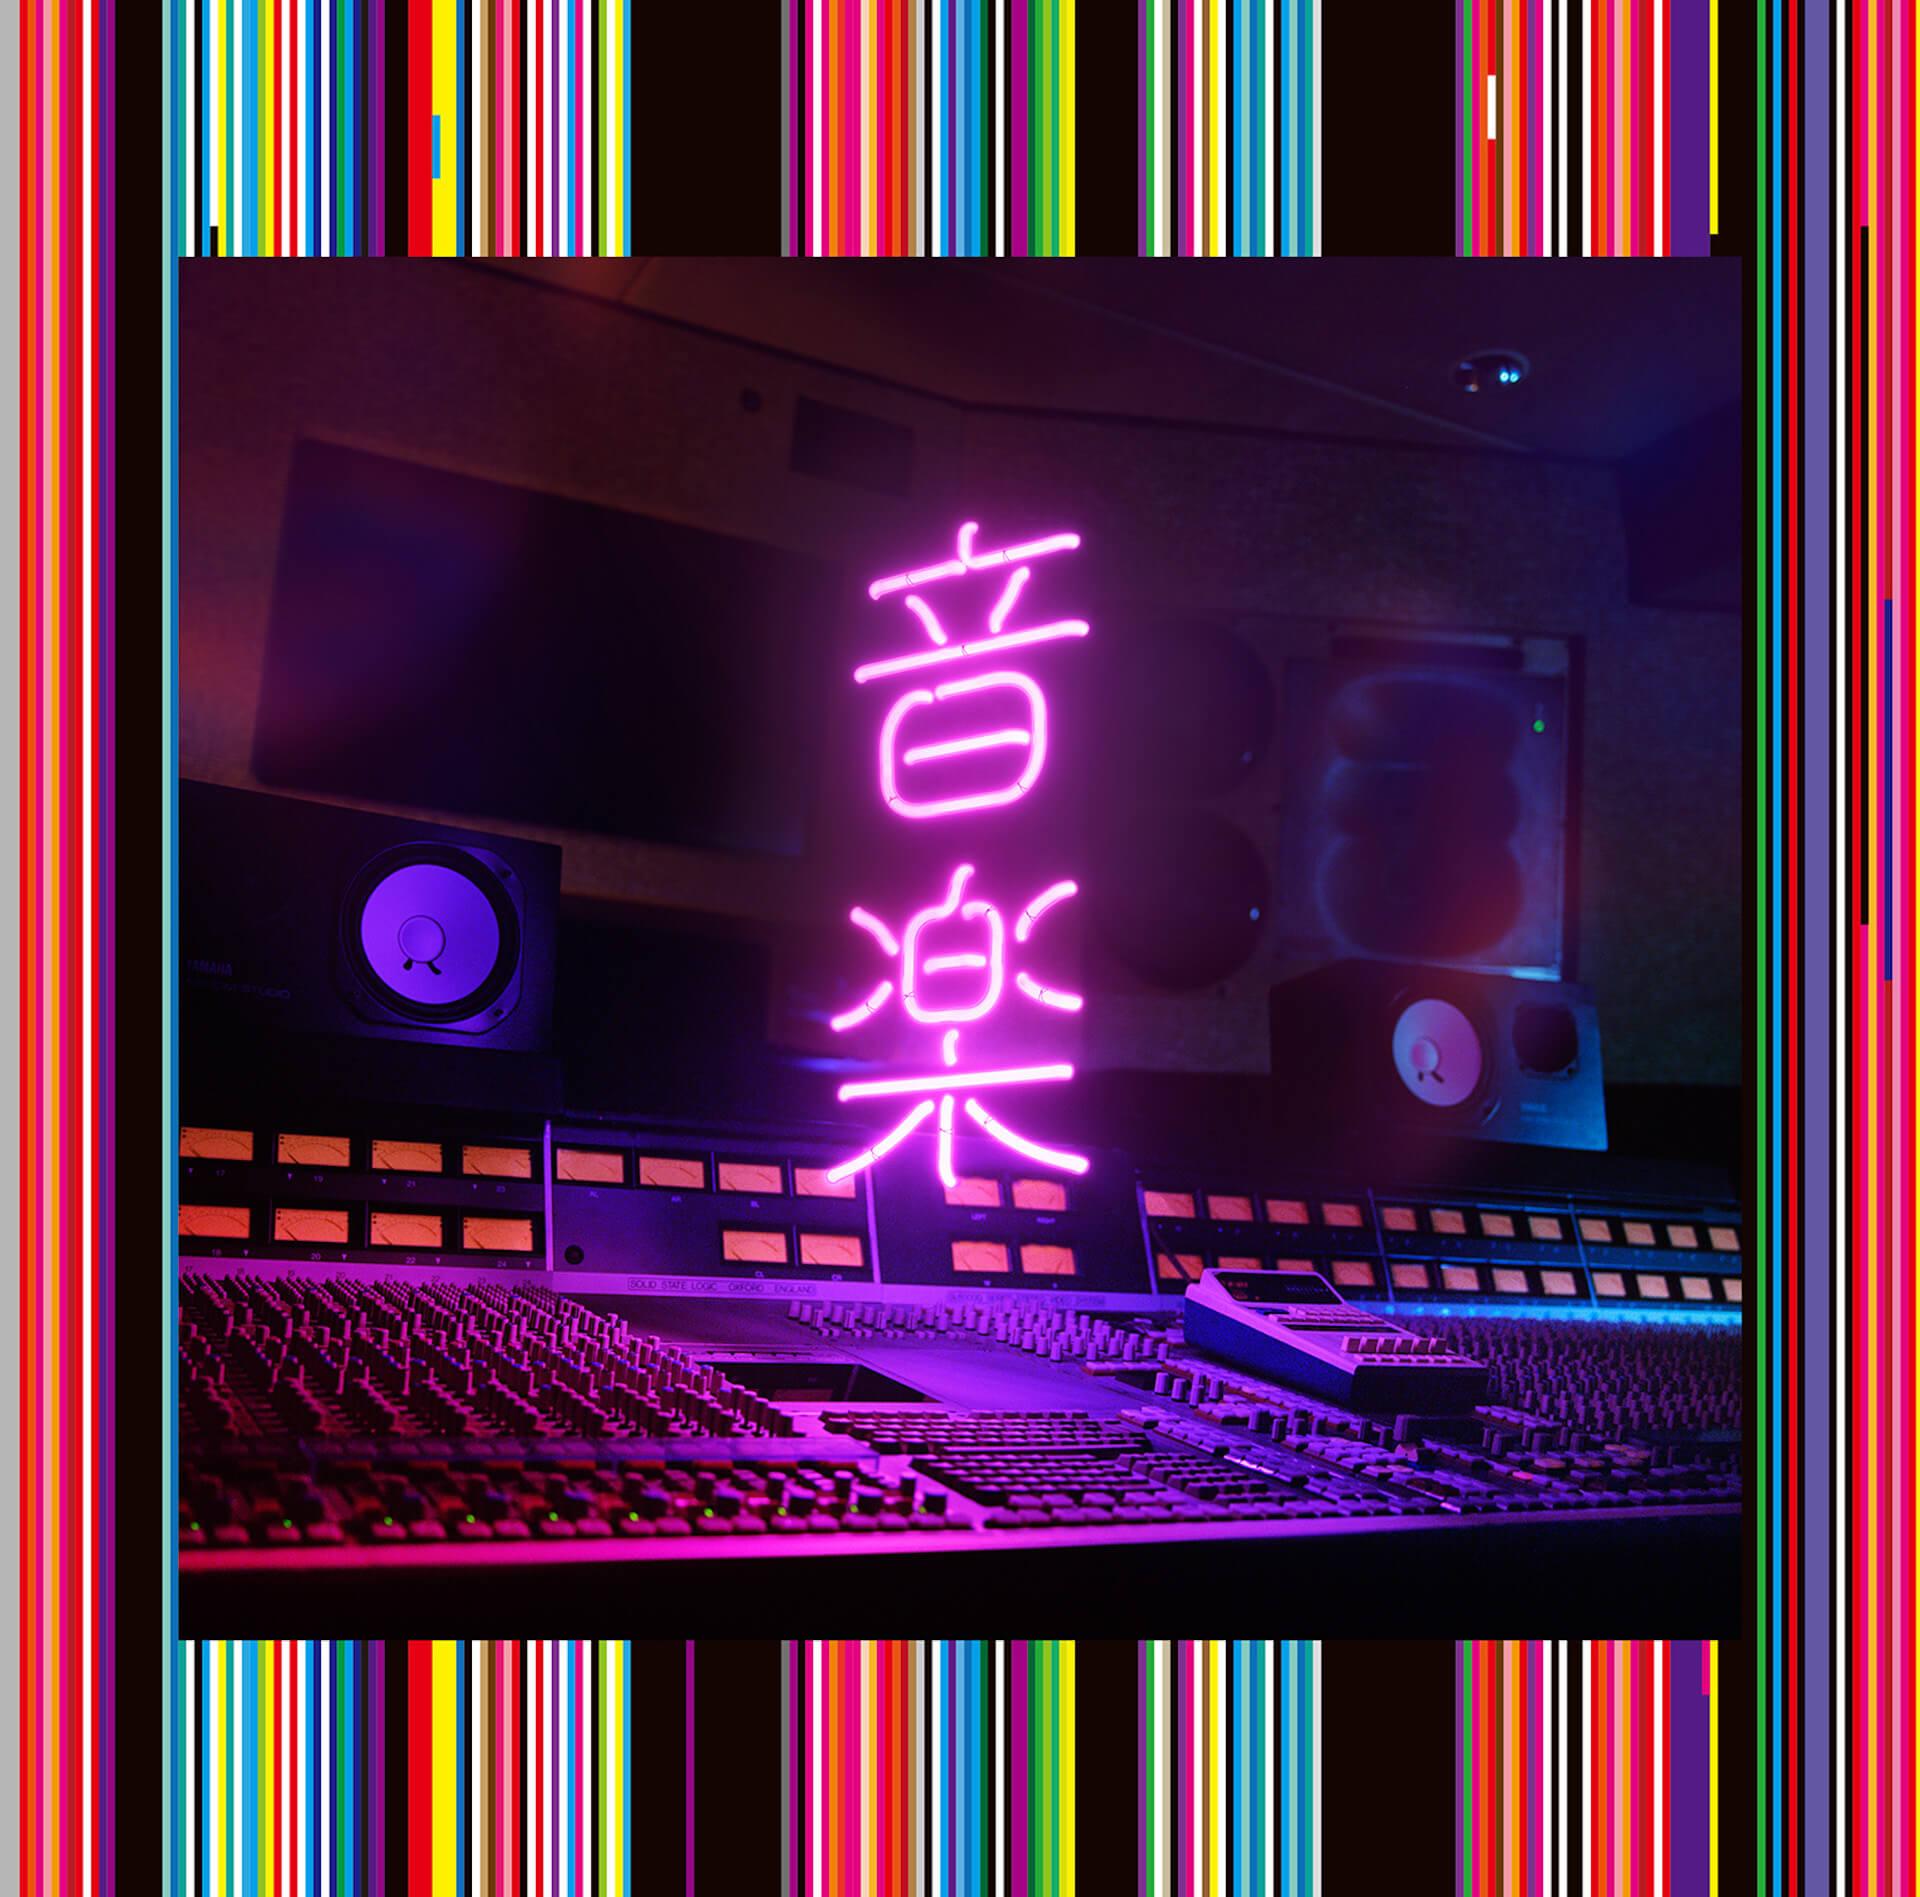 東京事変10年ぶりのフルアルバム『音楽』のリリースを発表!新アー写&ジャケットアートワークも公開 music210423_tokyoincident_3